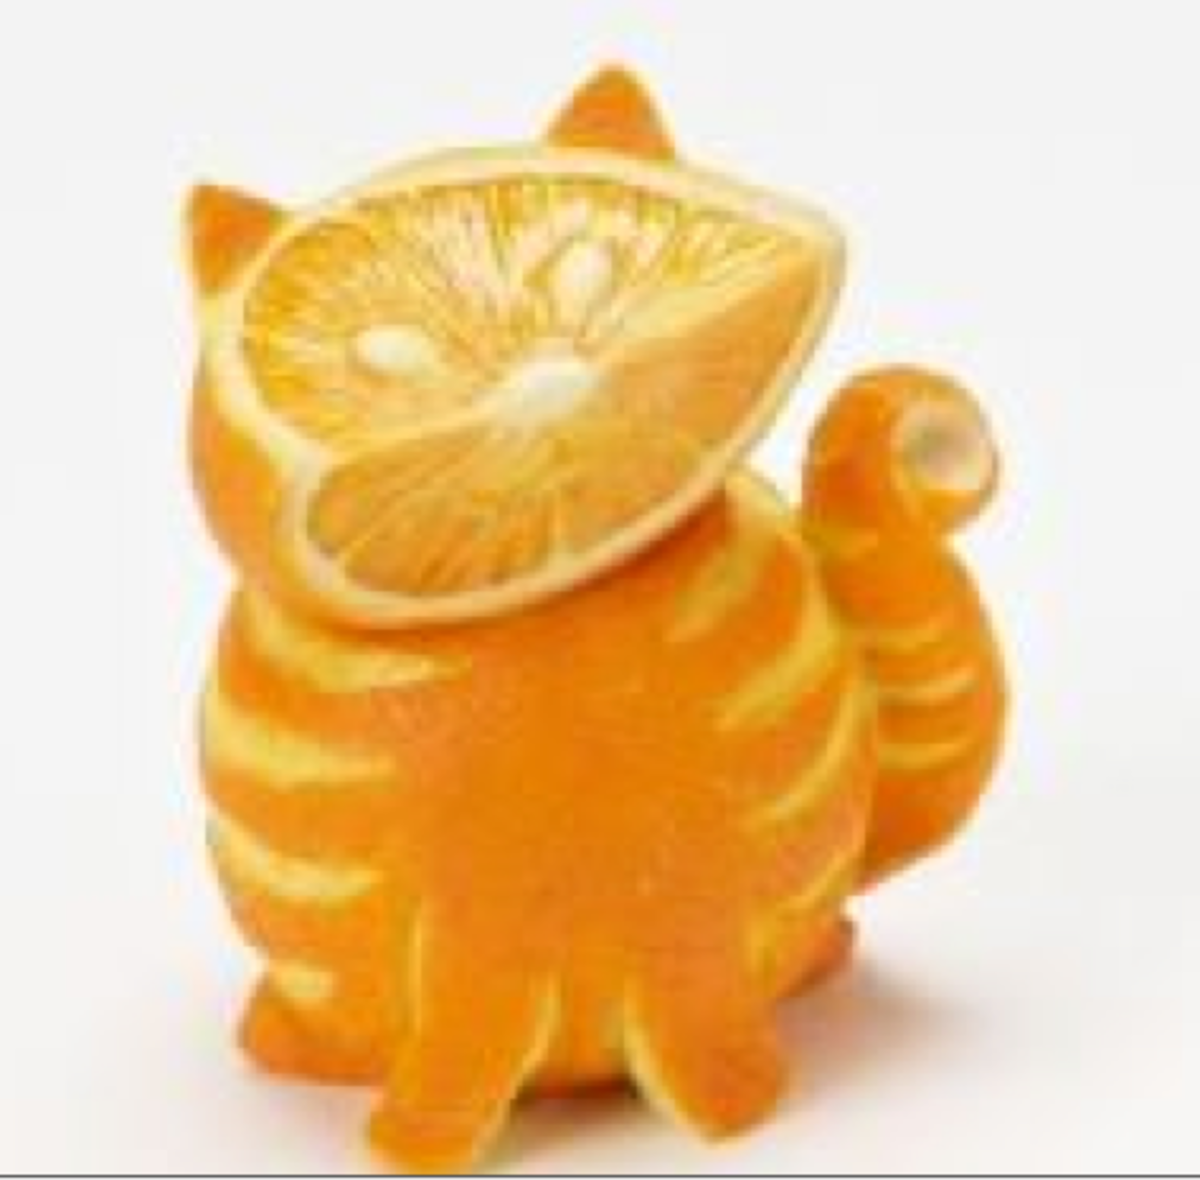 Citrus face